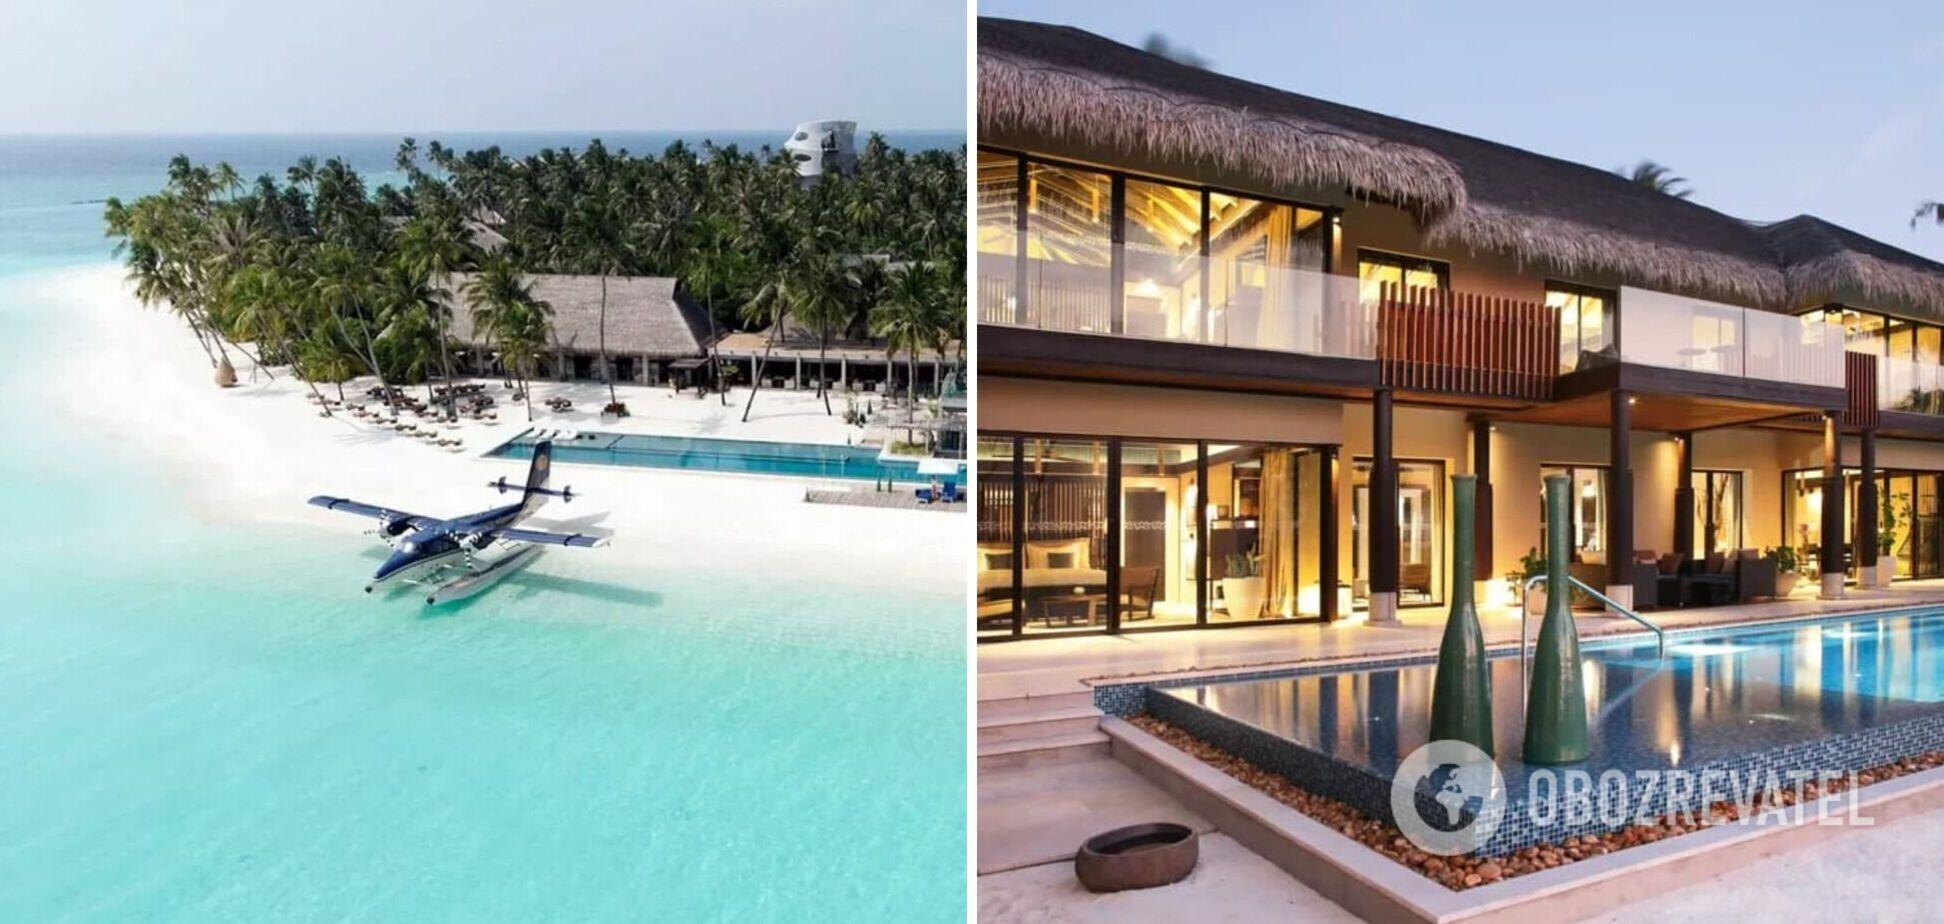 Больше 1 млн грн в сутки: как выглядит самый дорогой отель на Мальдивах. Фото